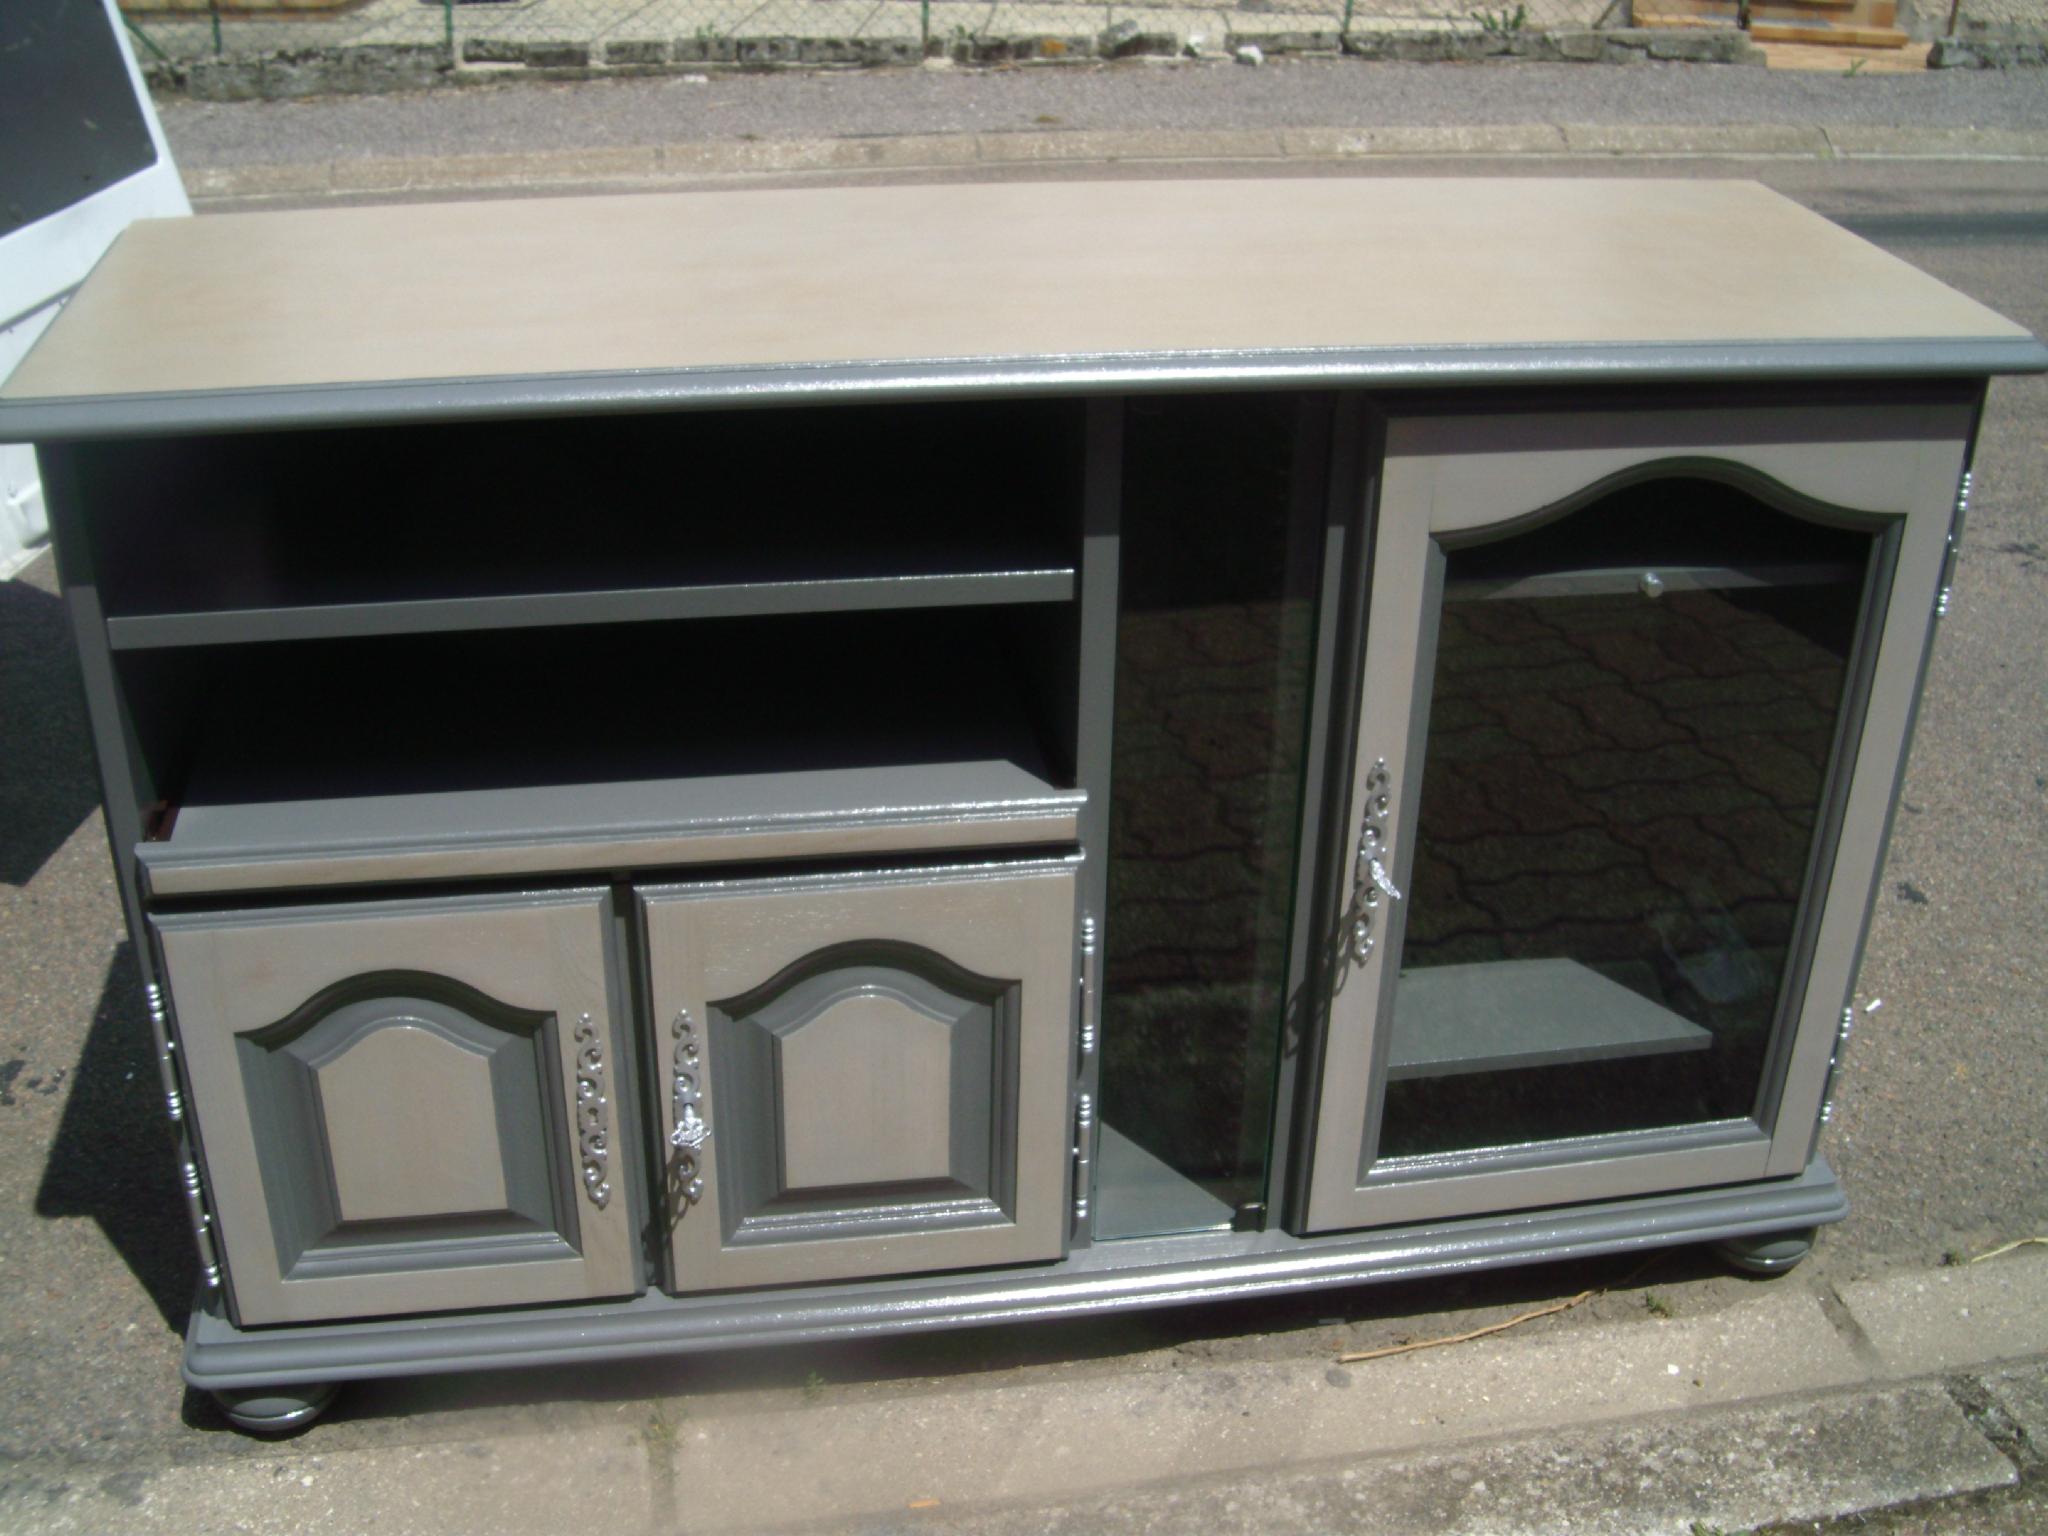 comment relooker un meuble tv maison et mobilier d 39 int rieur. Black Bedroom Furniture Sets. Home Design Ideas